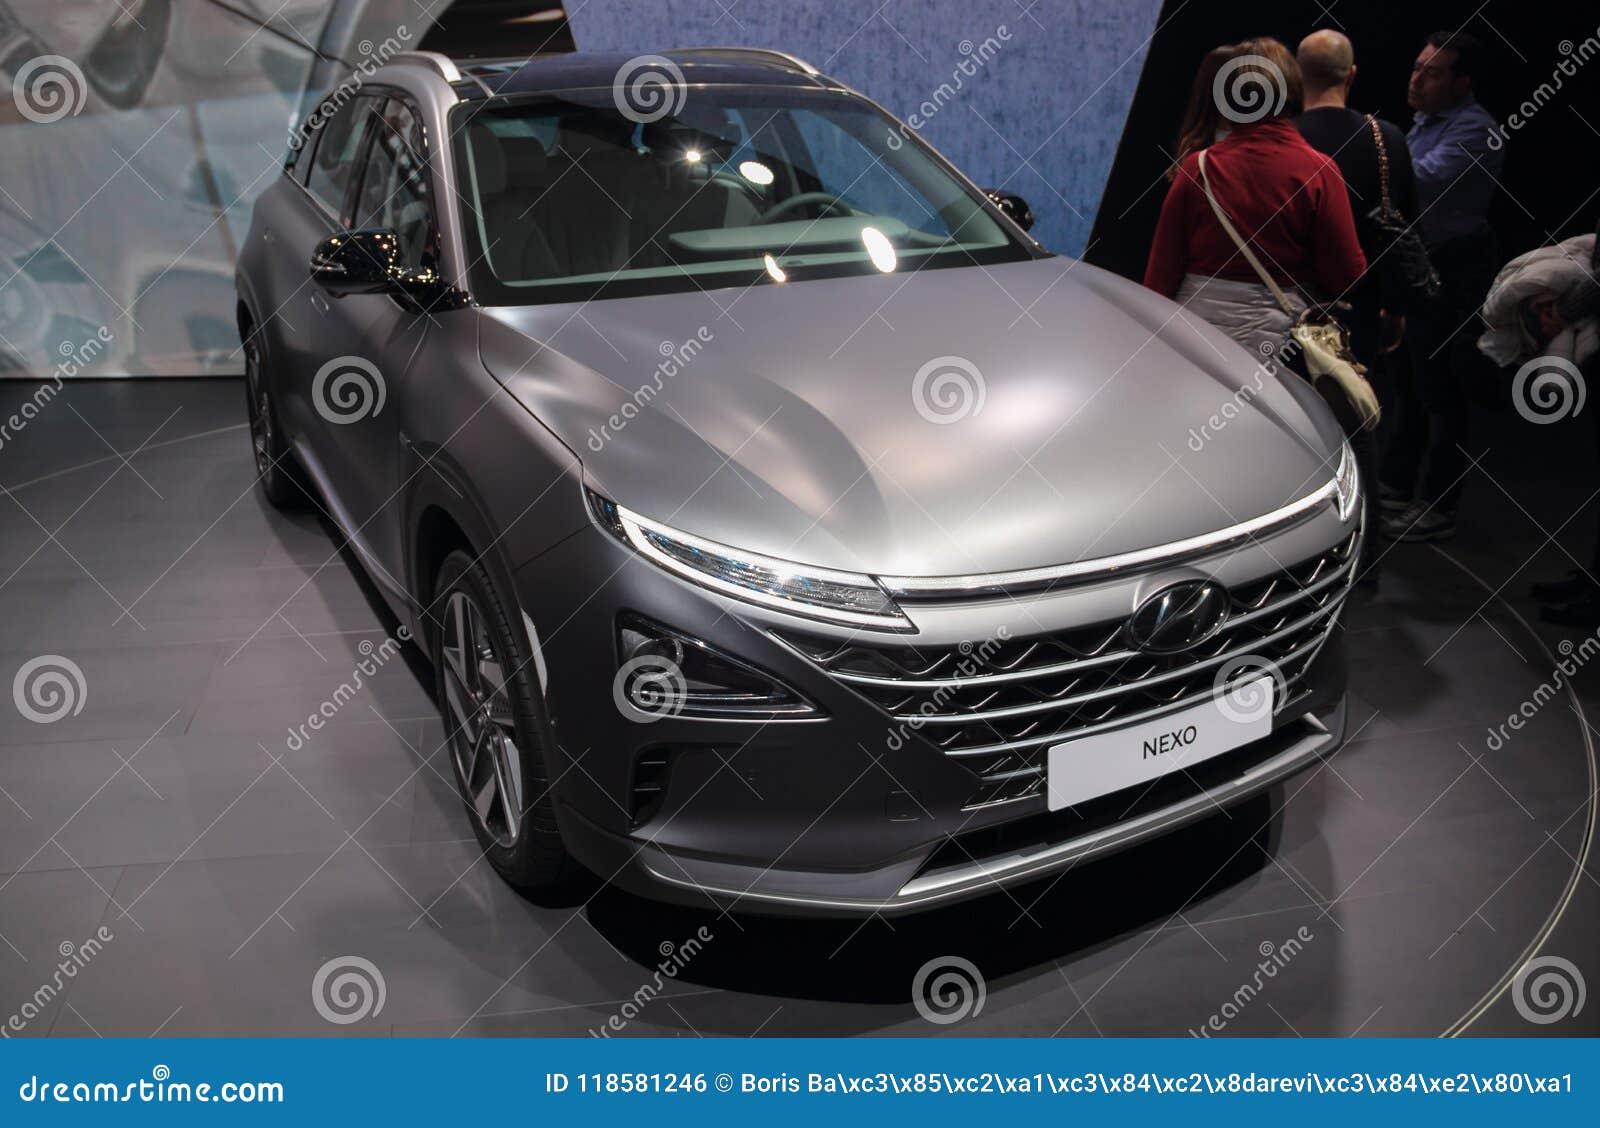 La Suisse ; Genève ; Le 8 mars 2018 ; Hyundai NEXO ; Le quatre-vingt-dix-huitième inter